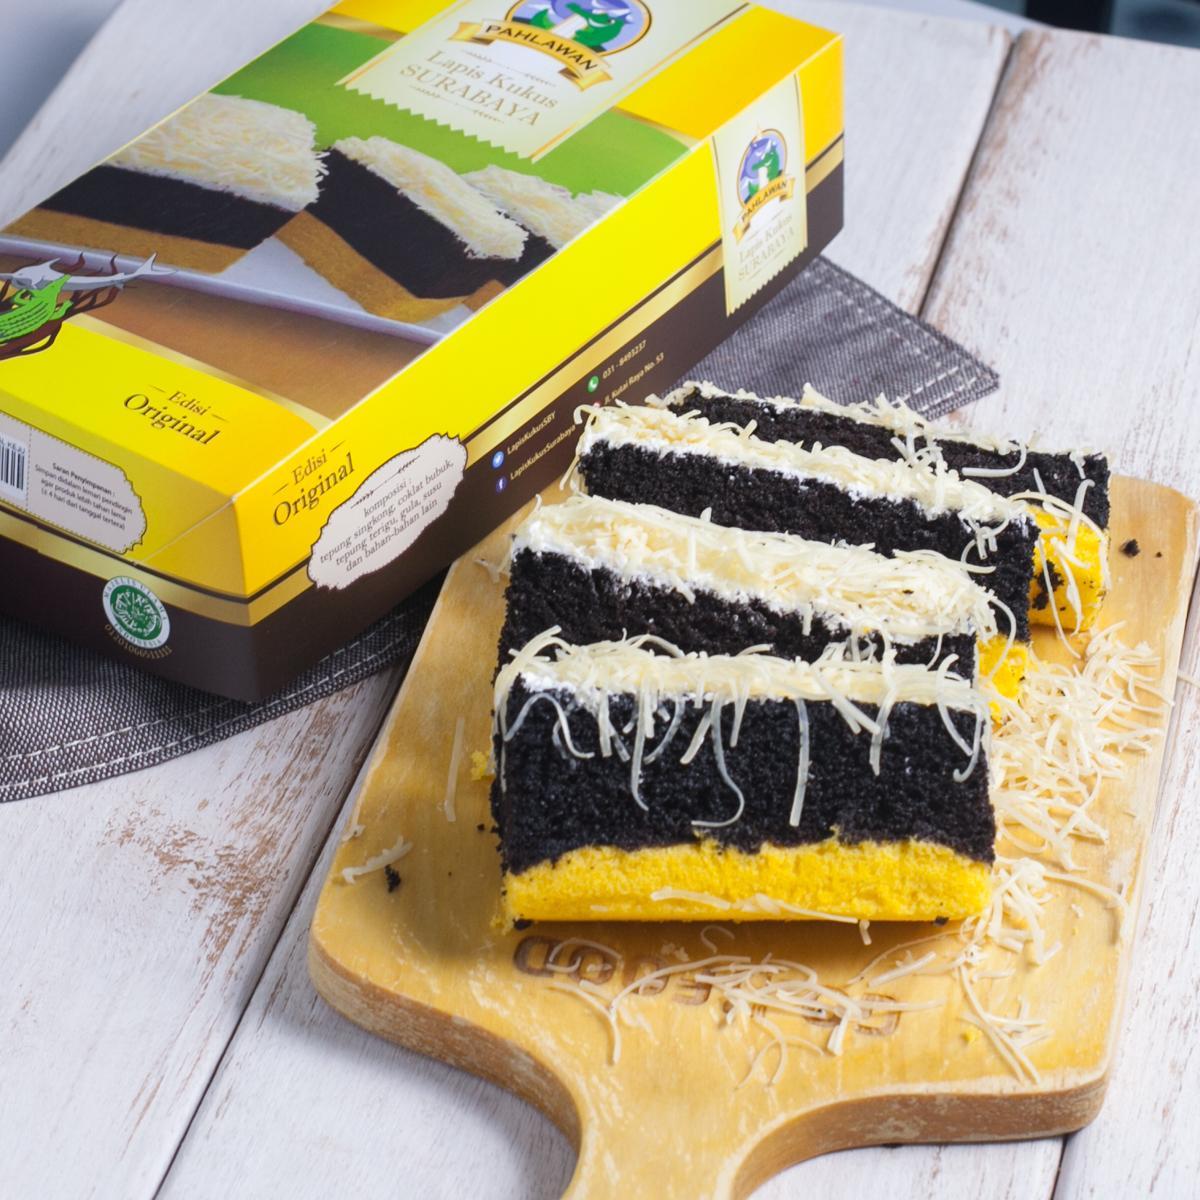 Tichabel Kue Lapis Legit Keju Daftar Update Harga Terbaru Dan Monica Special Batang 410gr Kukus Surabaya Original Lebaran Snack